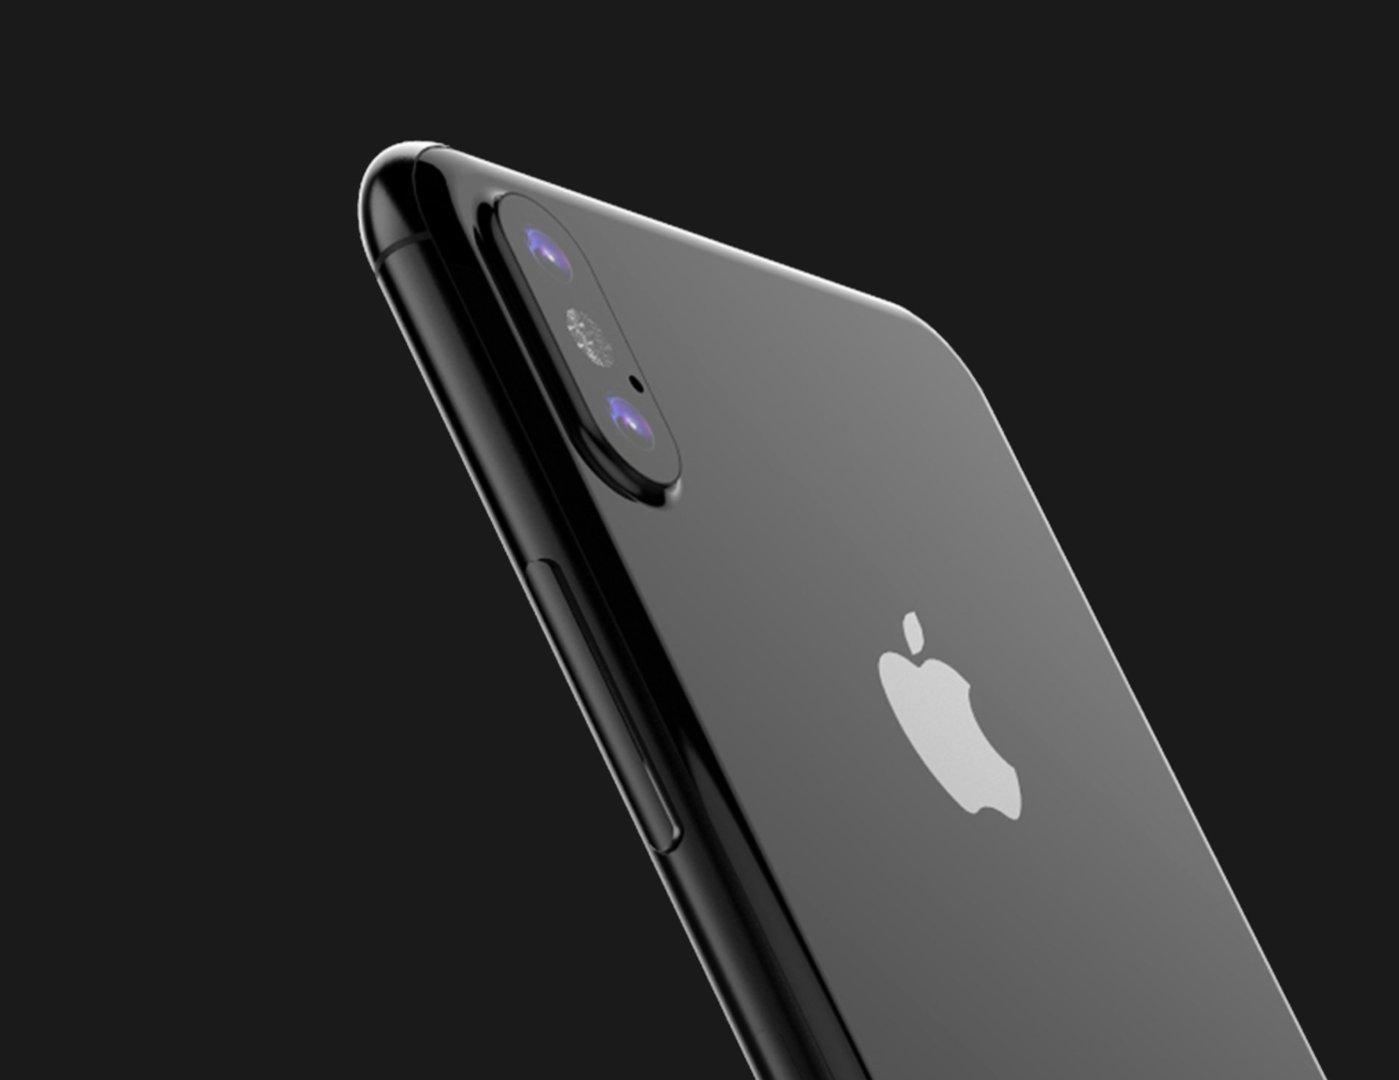 Renderbild des iPhone 8 anhand der Dummy-Aufnahmen